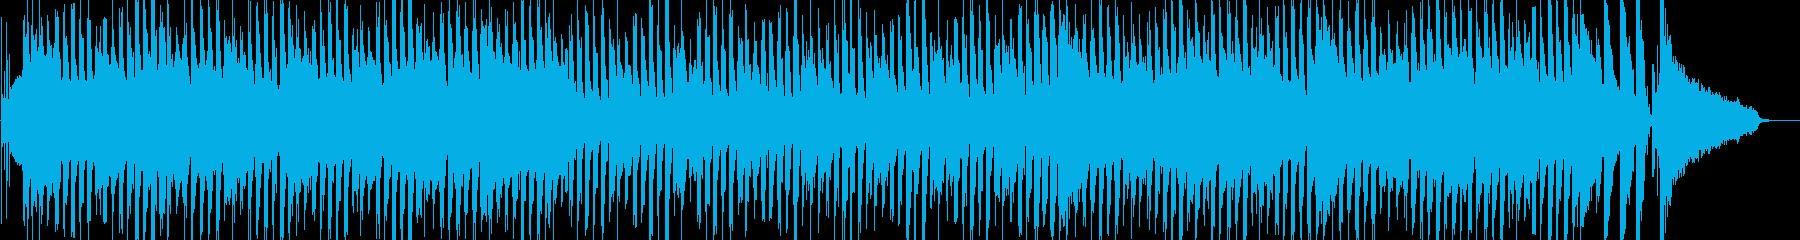 ストリングス、元気でさわやかなんの再生済みの波形